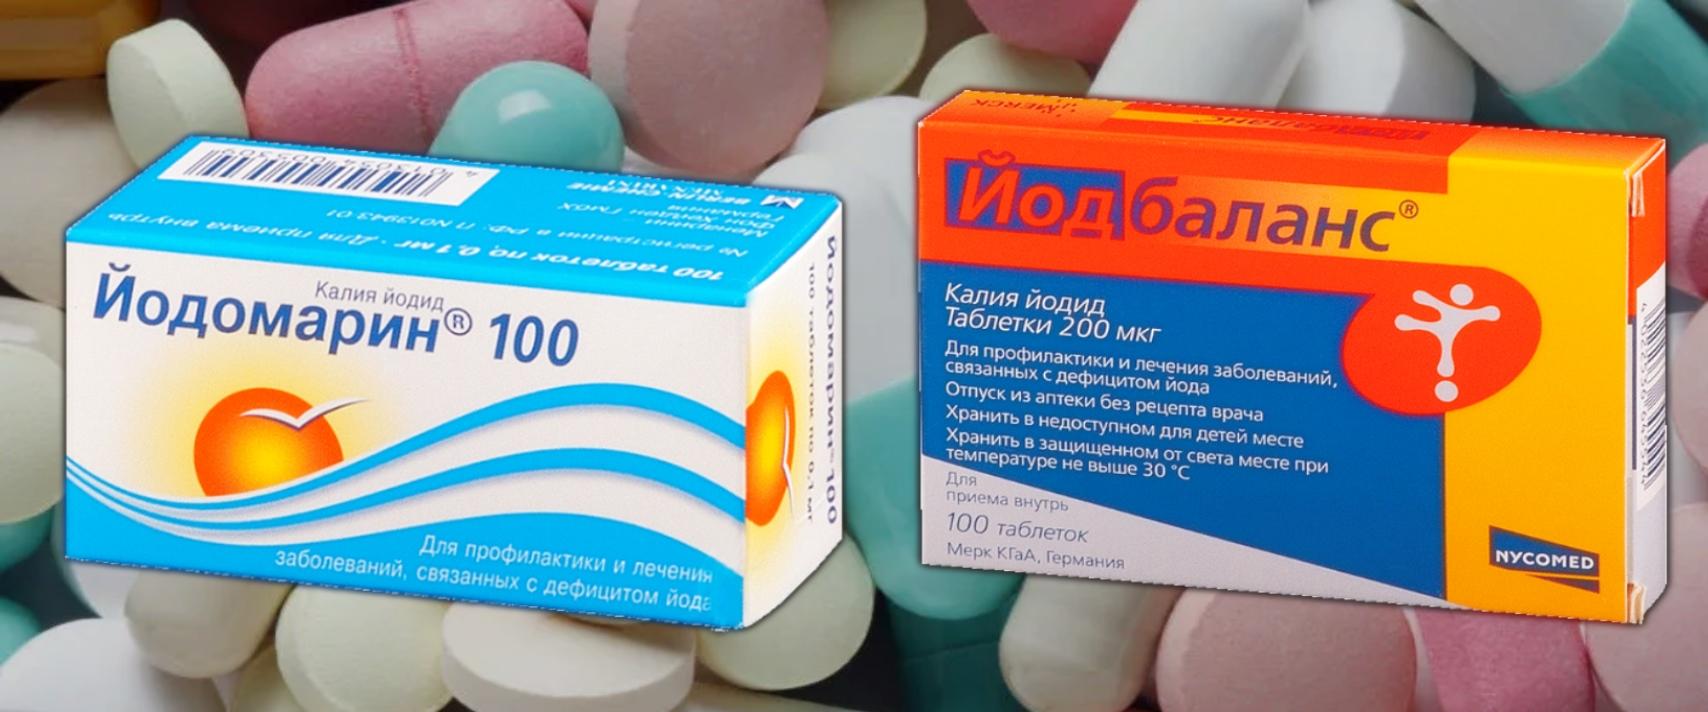 Йодбаланс таблетки инструкция по применению, отзывы, описание.